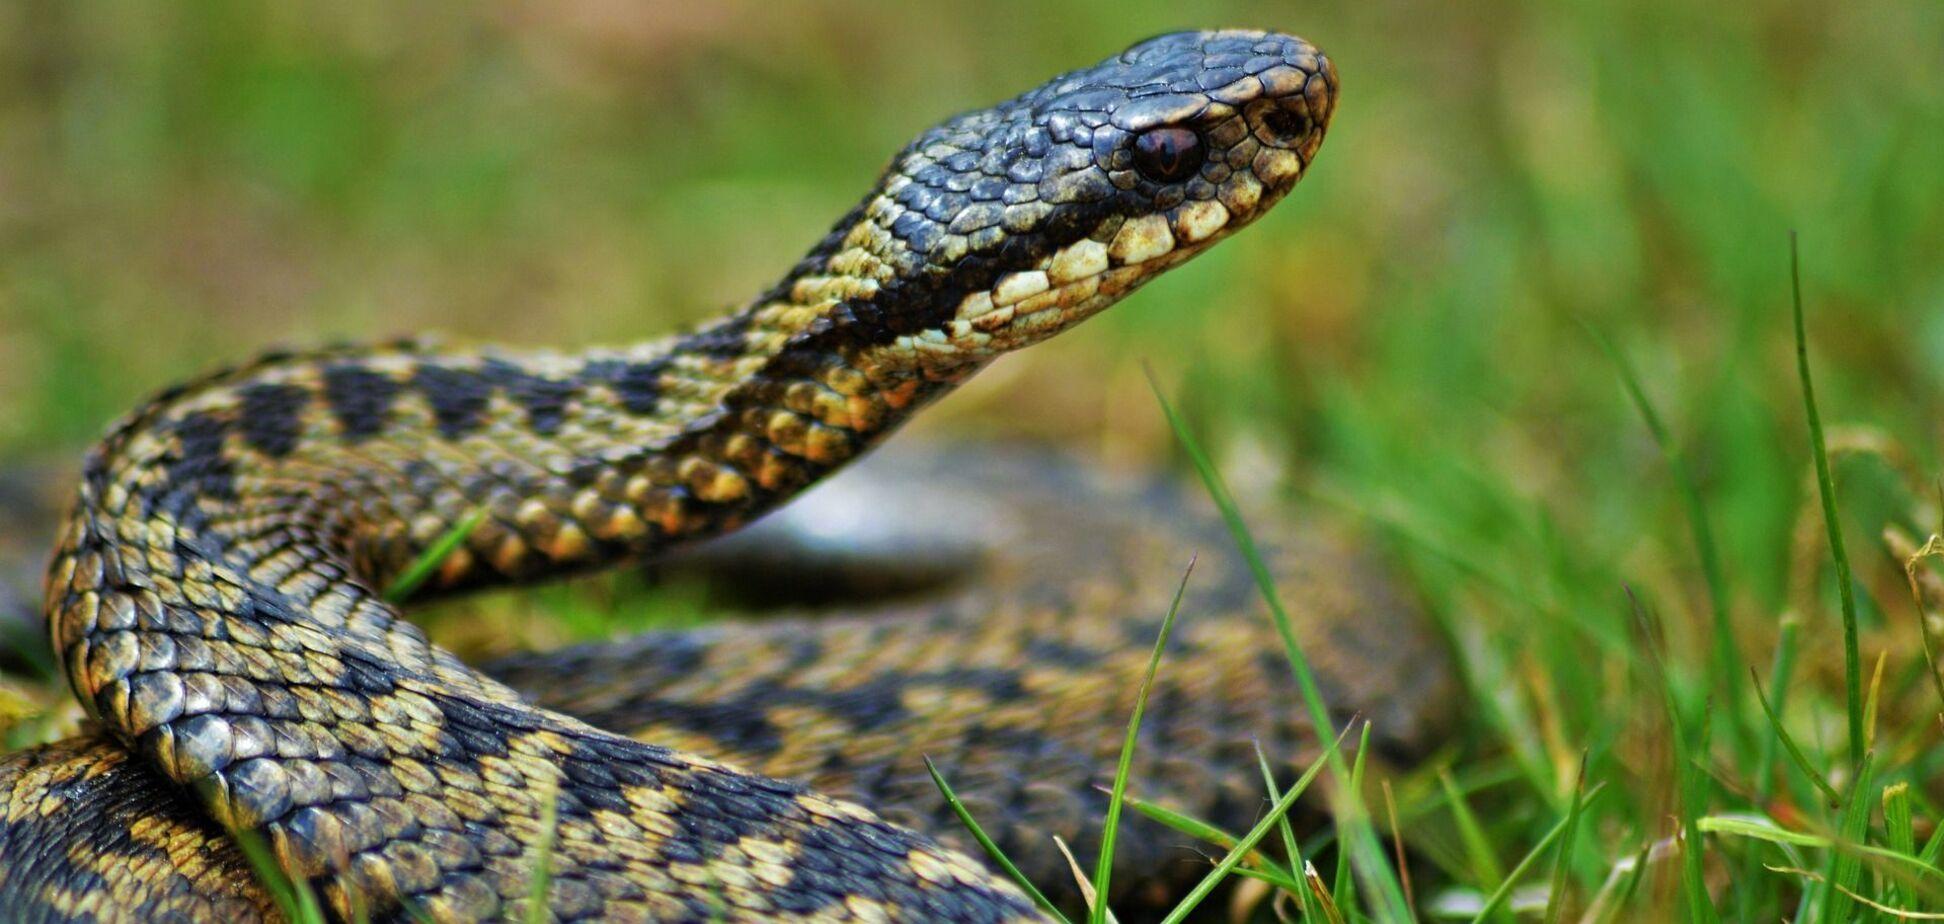 У Дніпрі біля житлового будинку виловили метрову змію. Фото